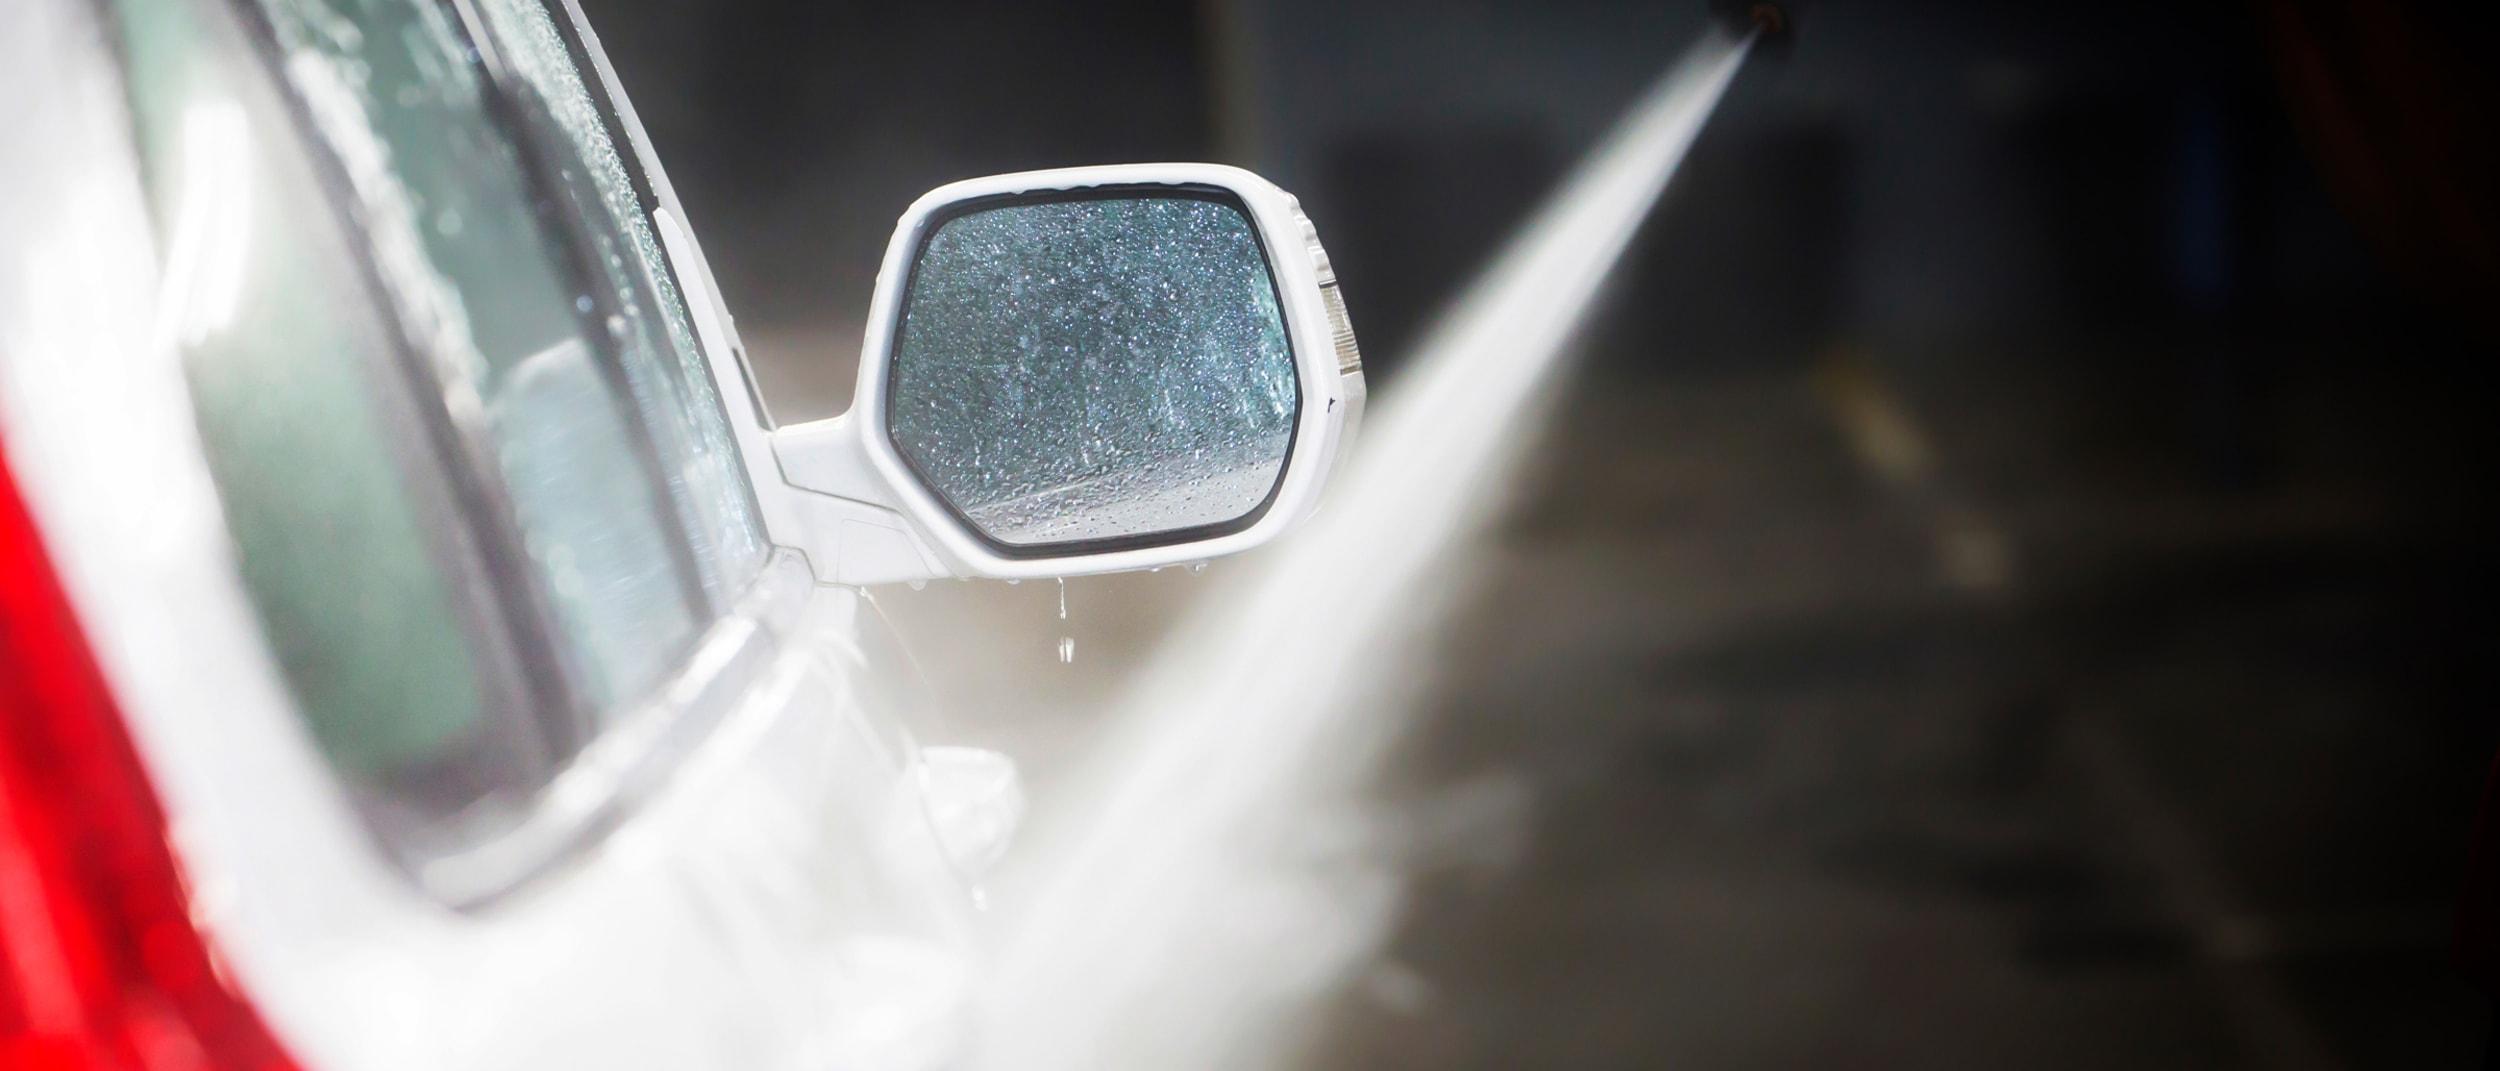 Star Car Wash: $10 off a platinum wash.